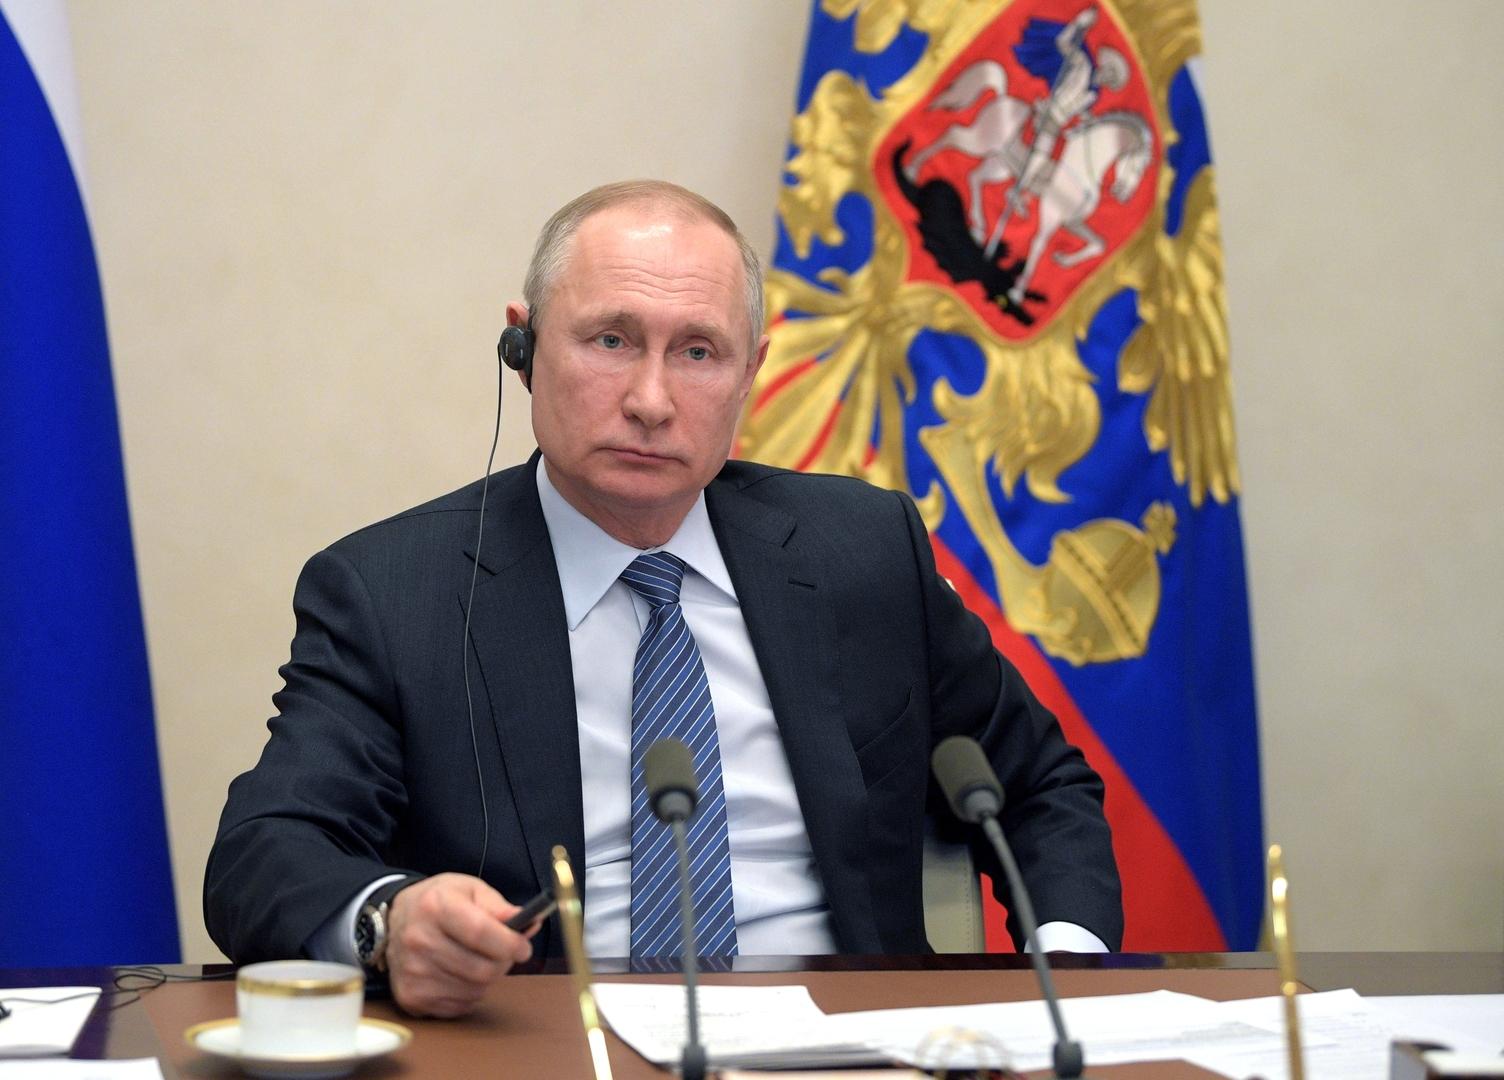 بوتين يقترح على G20 سلسلة إجراءات لوقف تفشي كورونا وتجاوز عواقبه